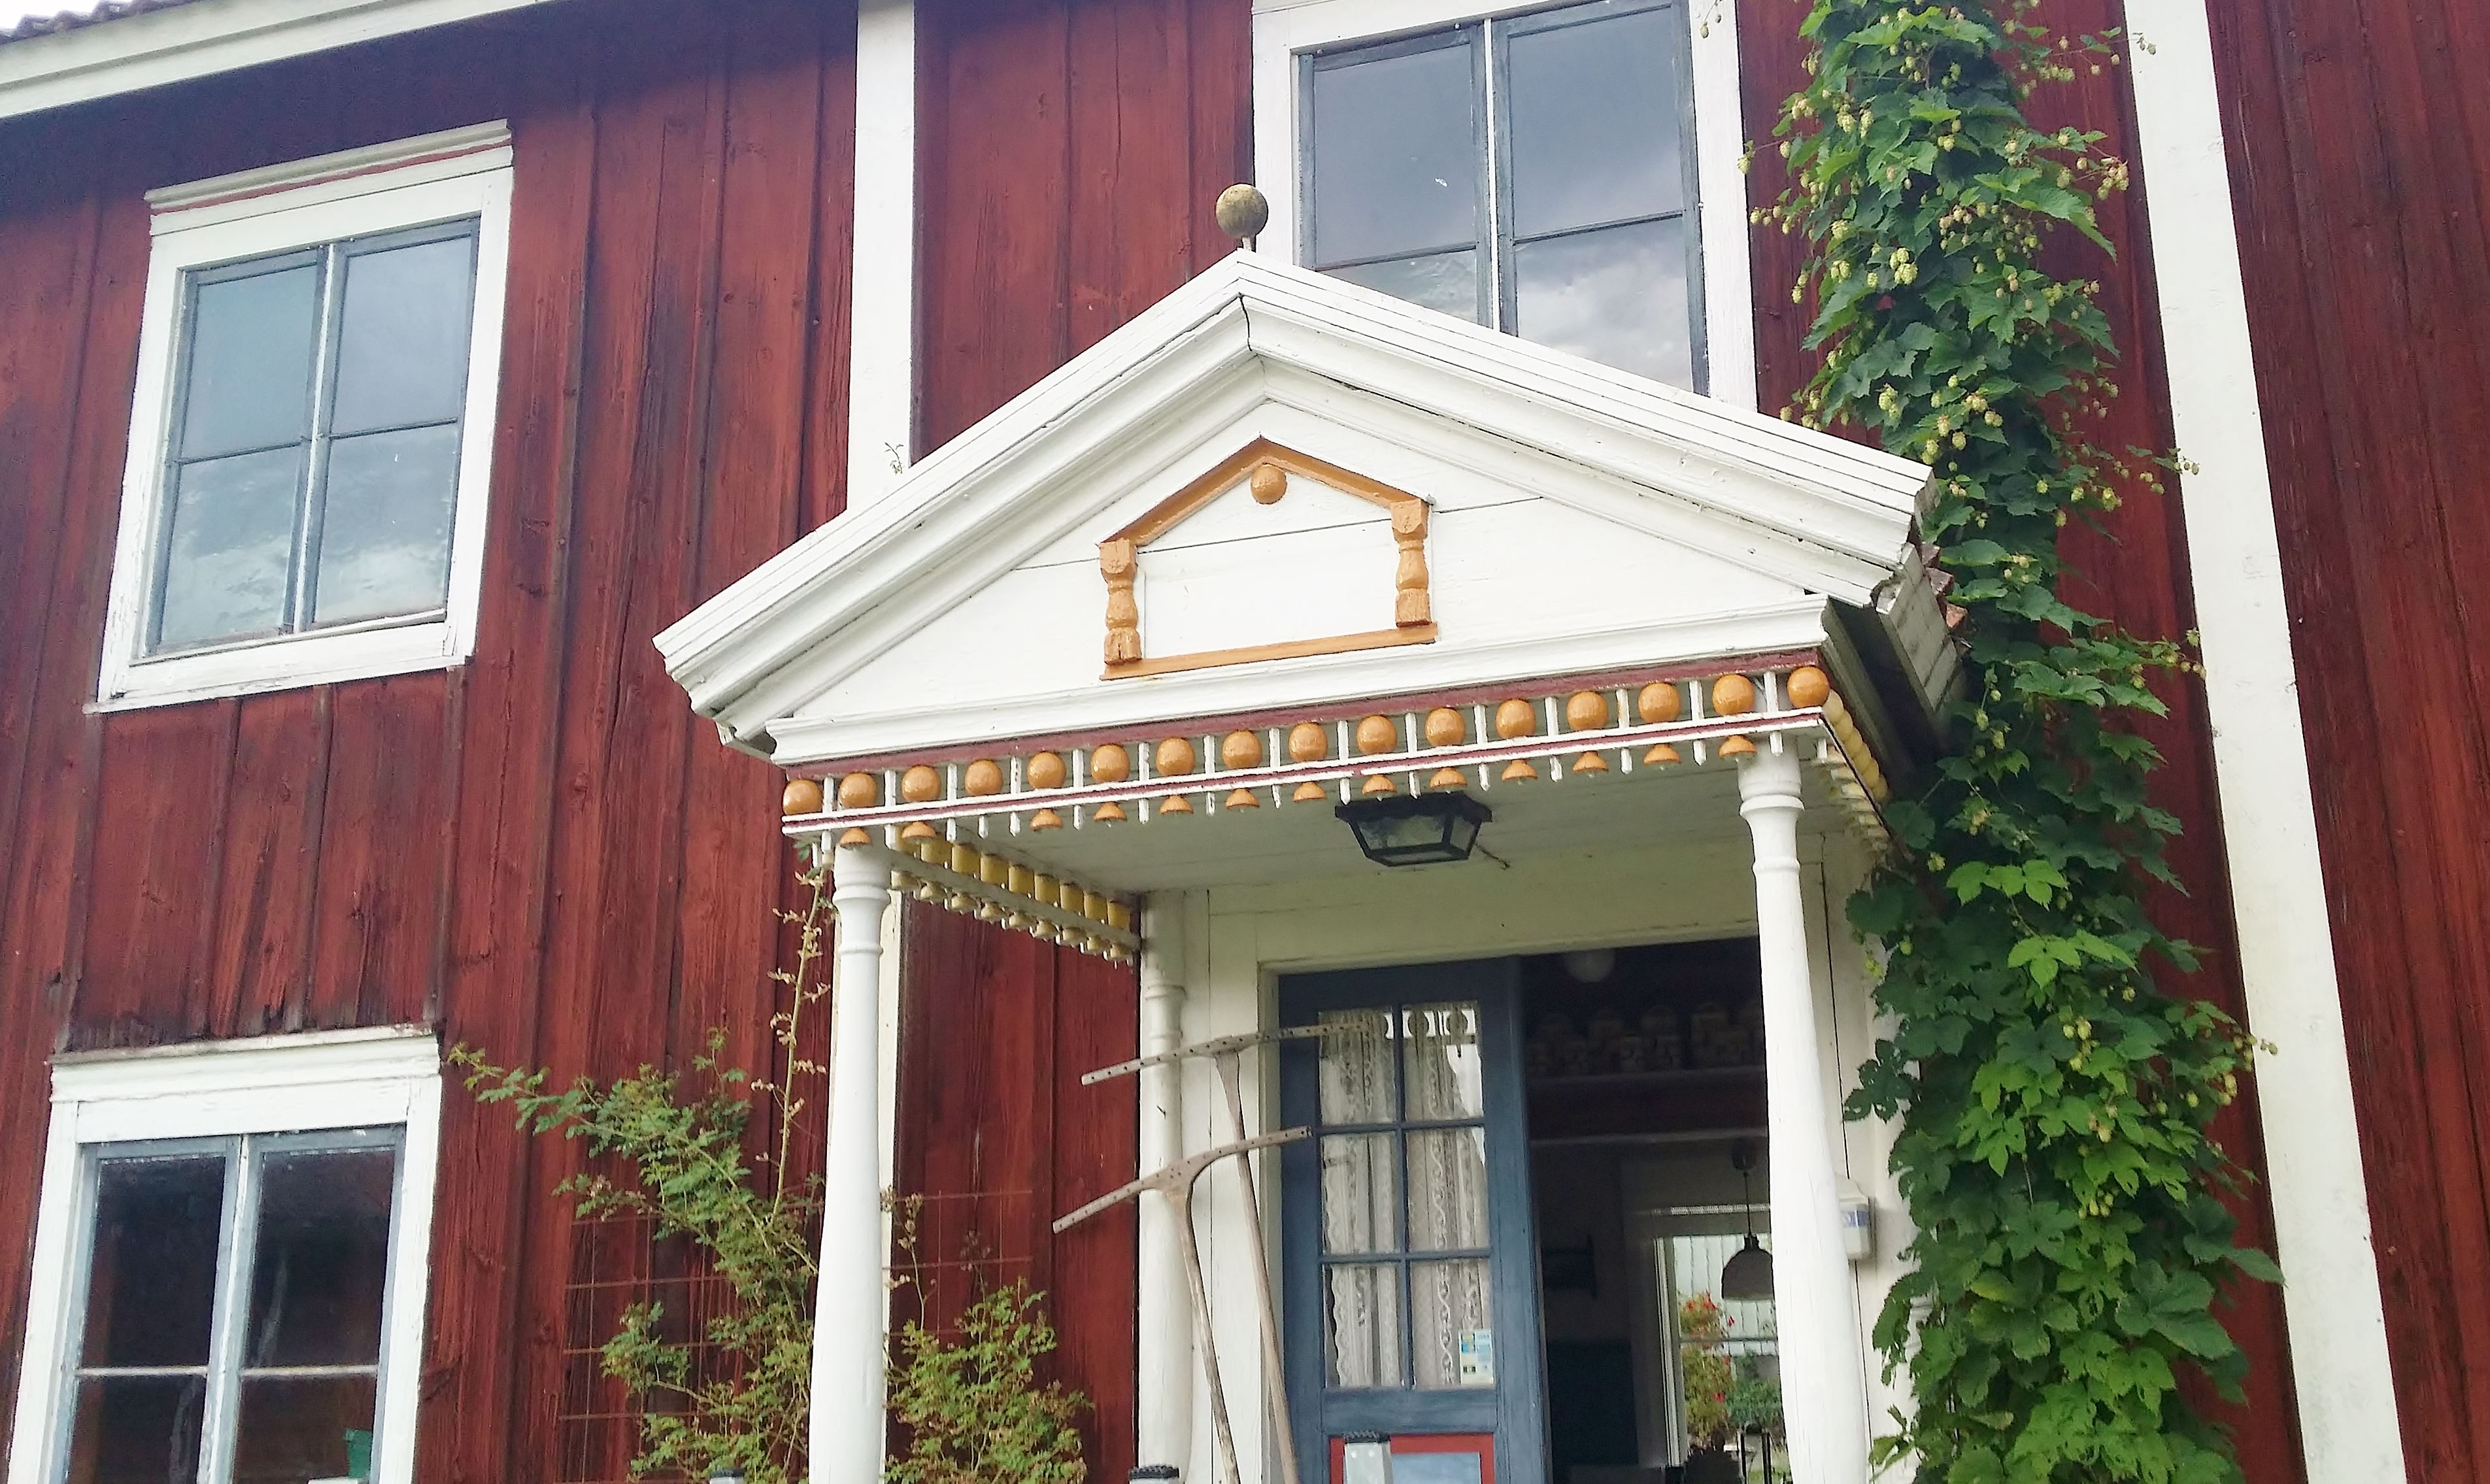 Larshans Antik & Inredning - antikt på Hälsingegård